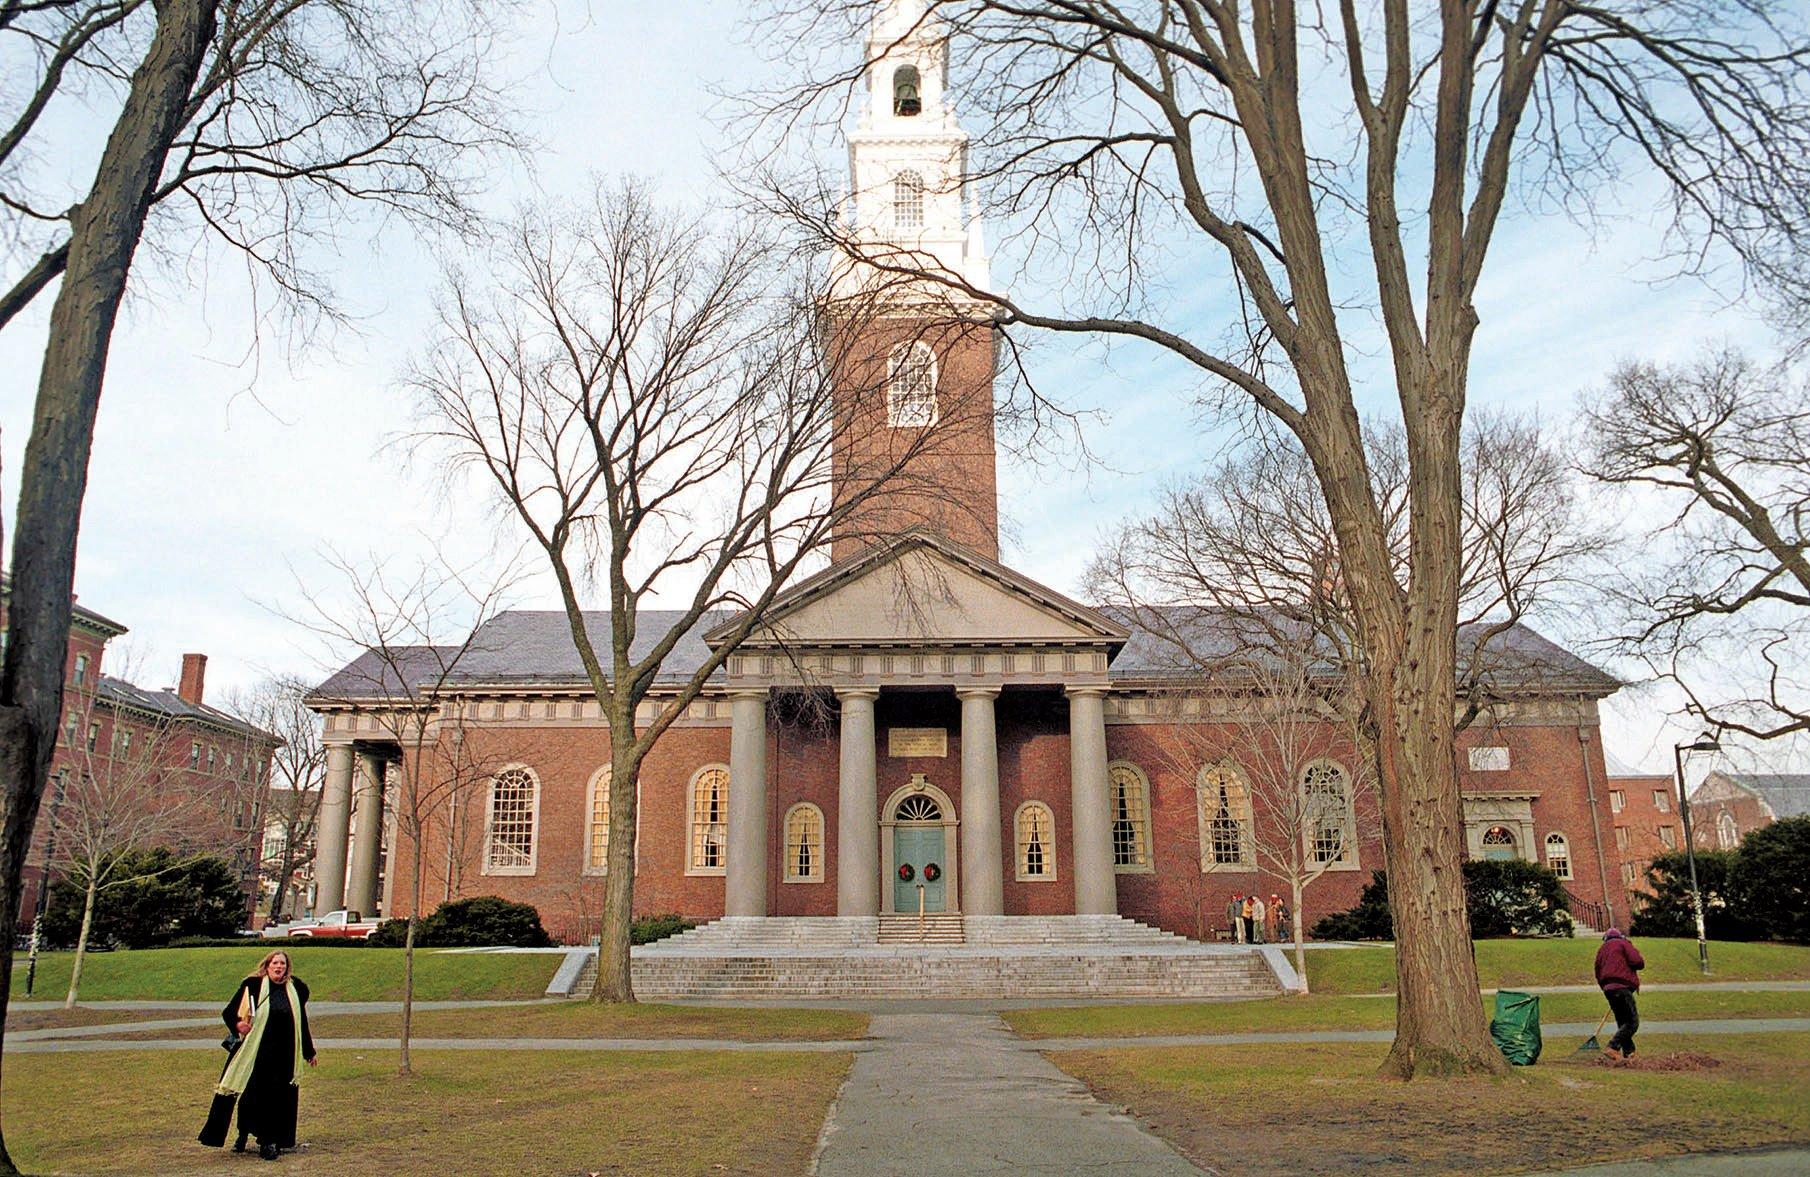 7月3日,美國特朗普政府廢除奧巴馬執政時間的一項政策,該政策鼓勵大學在審核入學申請考慮種族因素,以促進校園多元化環境。圖為哈佛大學。(Darren McCollester/Newsmakers)